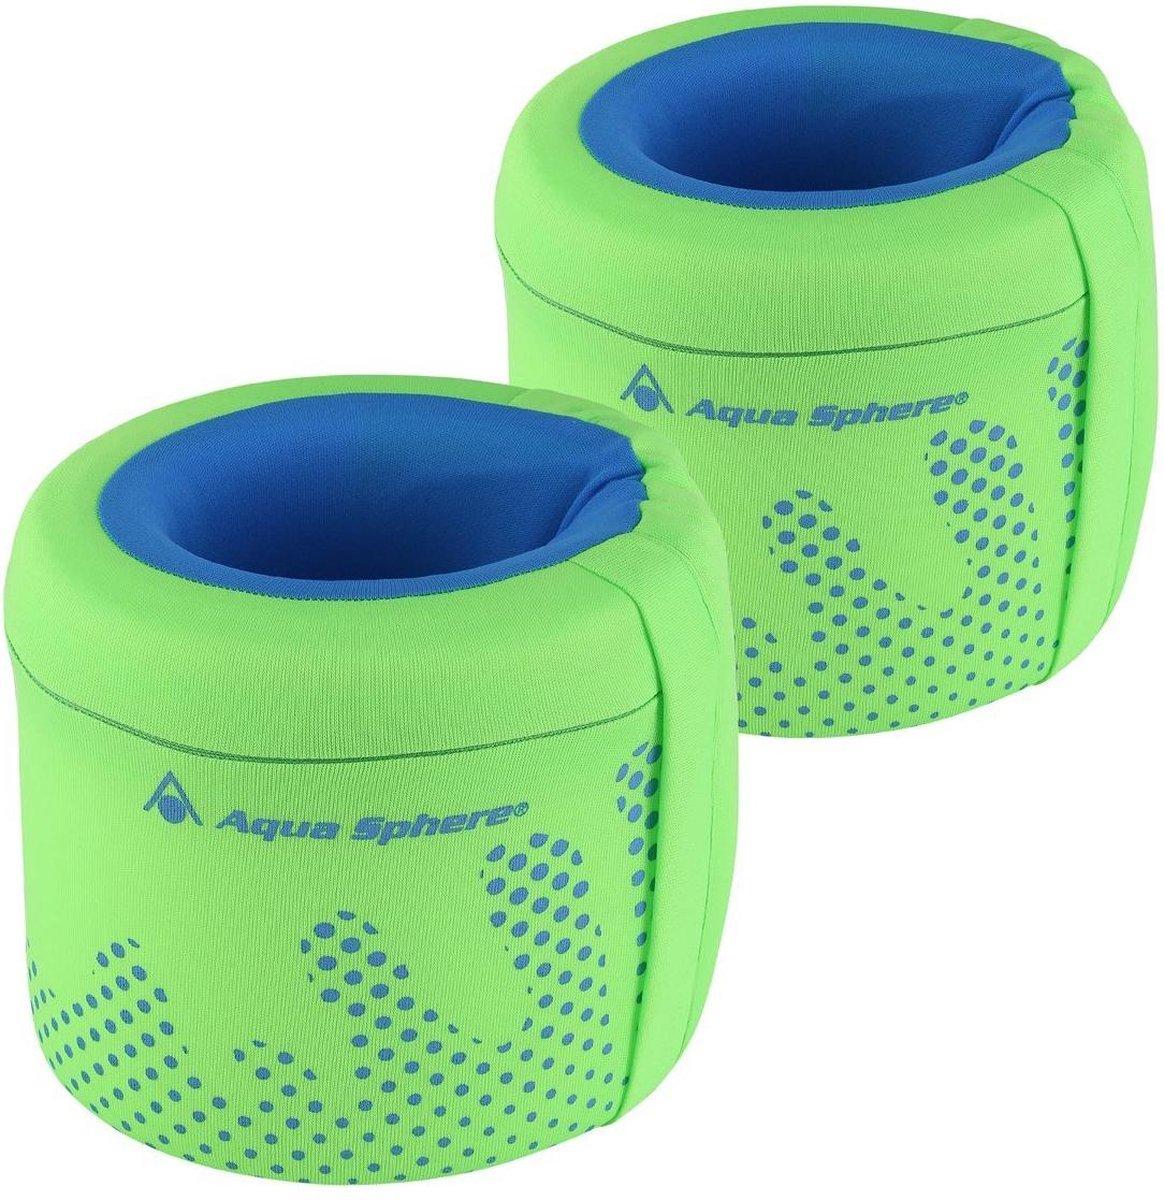 Aqua Sphere Arm Floats - Zwembandjes - 2-3 jaar (15-18kg) - Groen/Lichtblauw